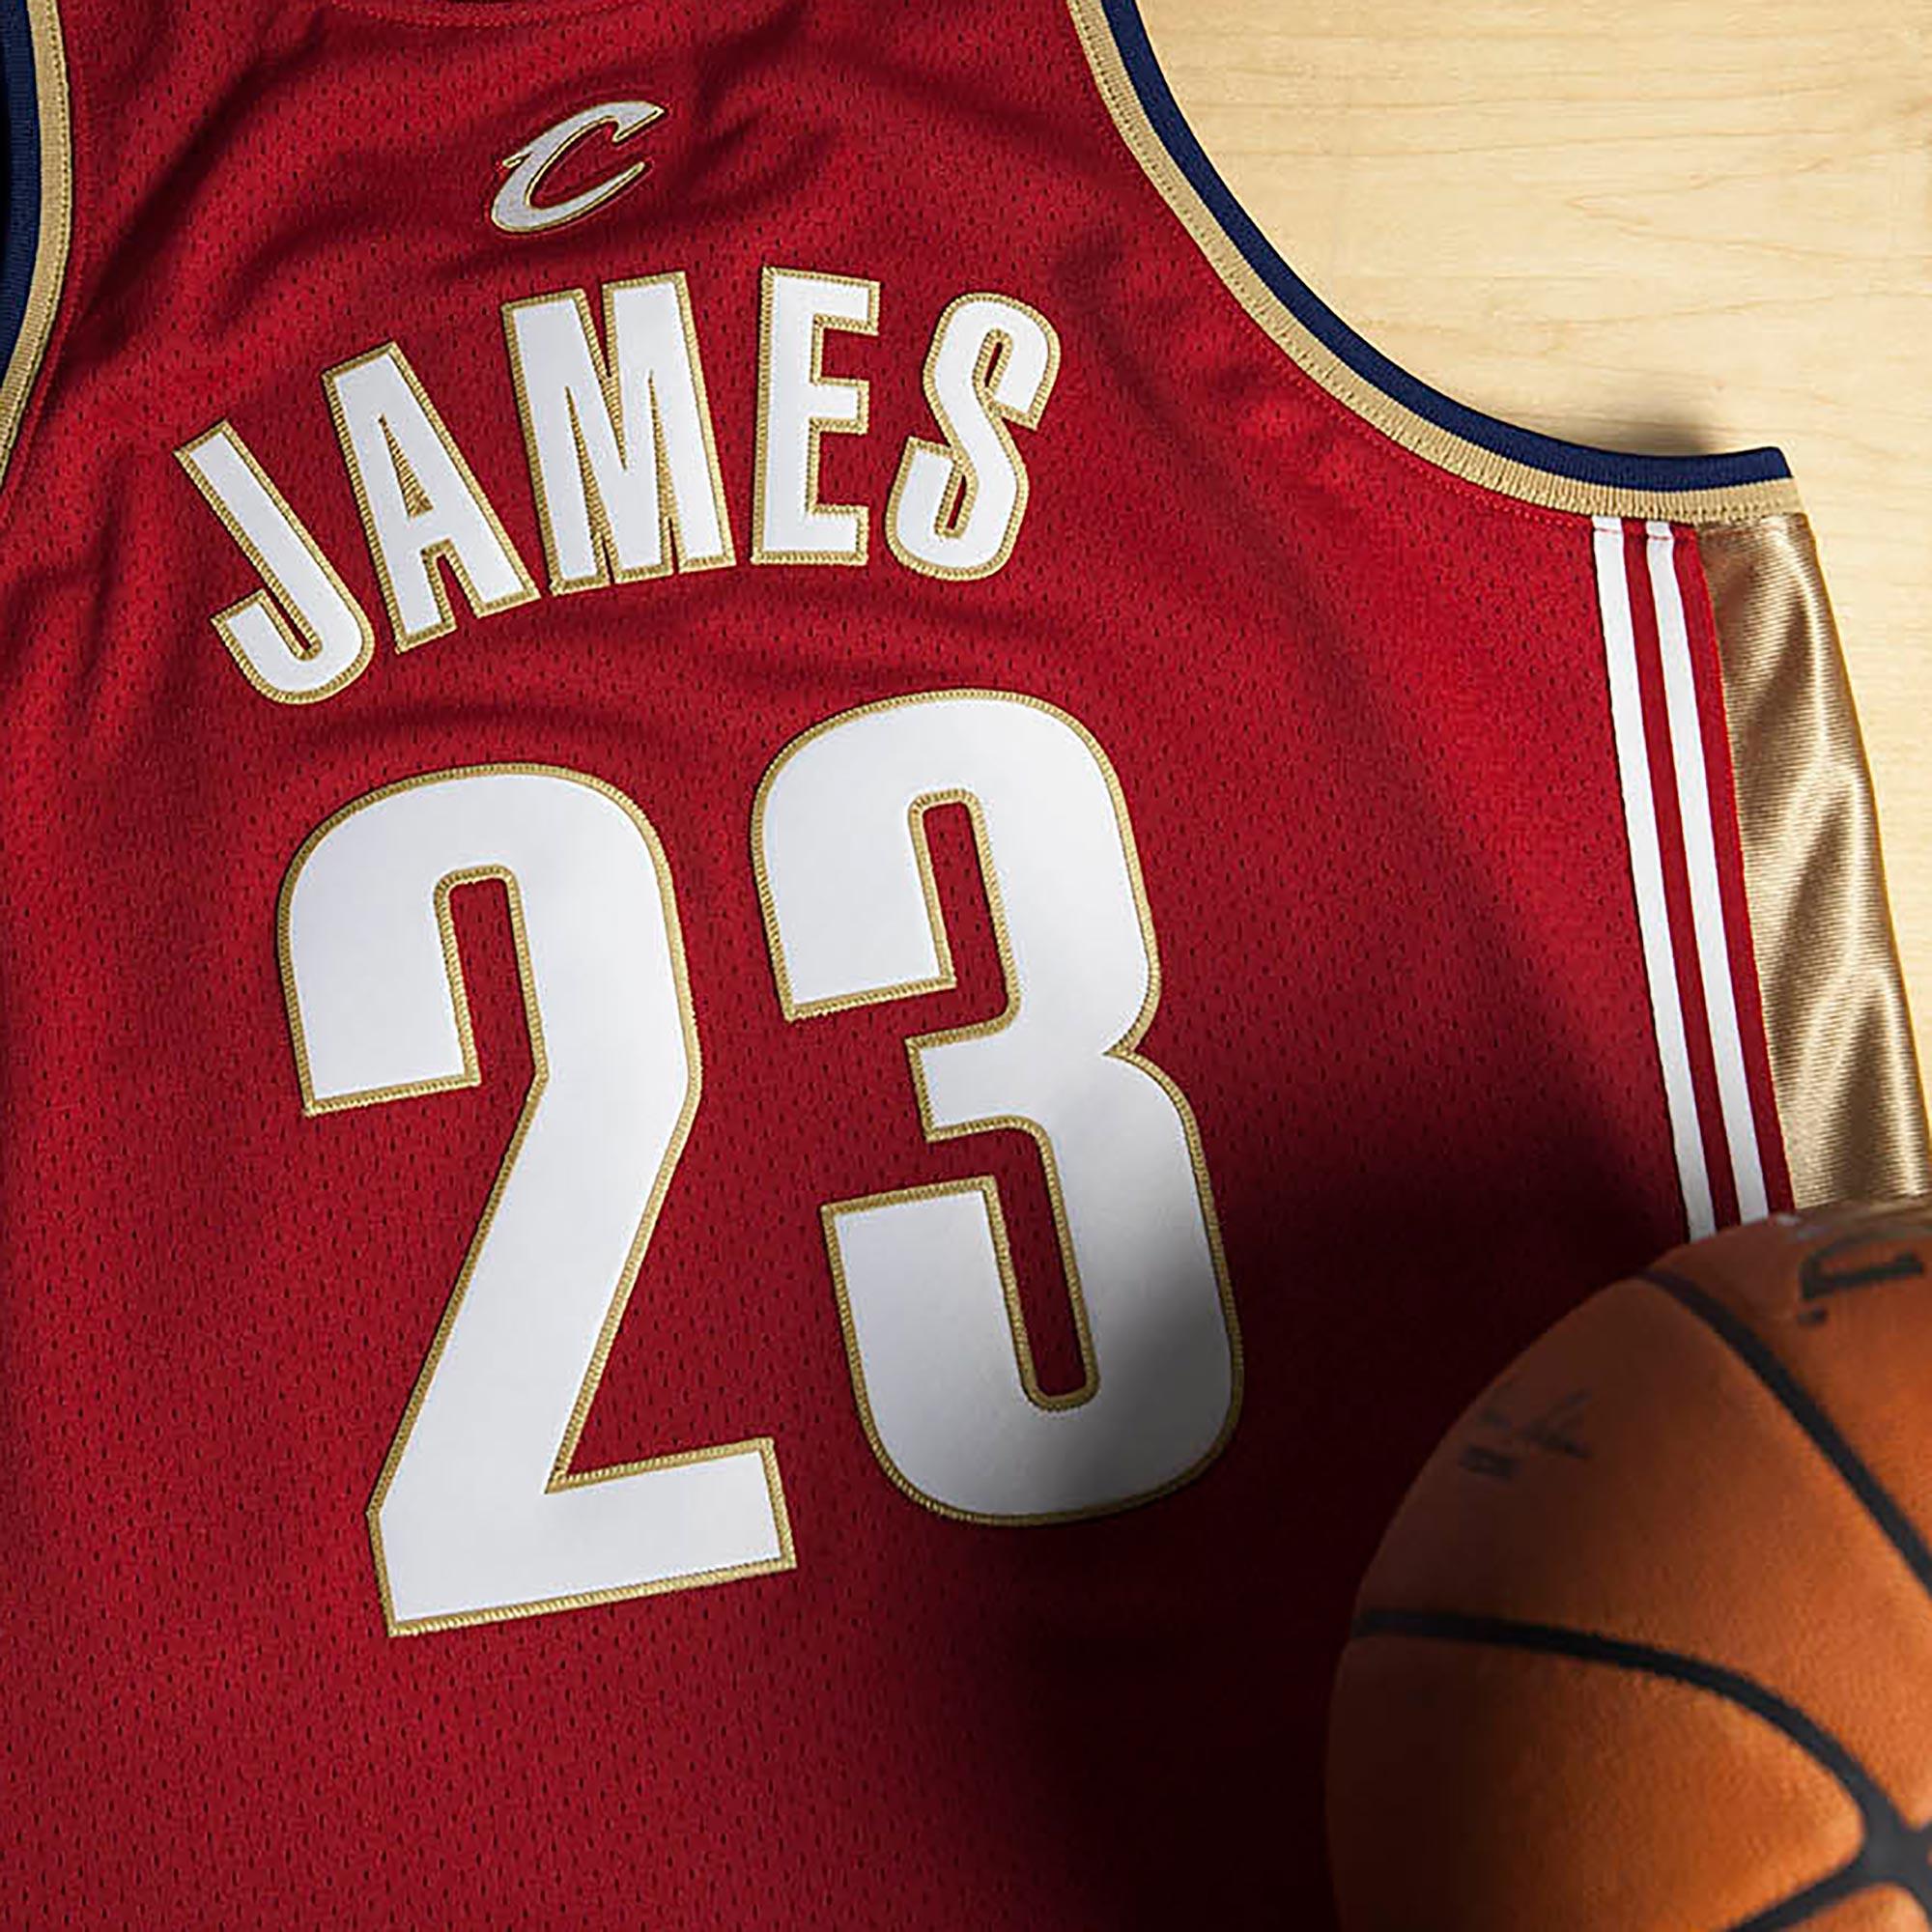 Camiseta genuina de Lebron James como debutante de equipo visitante de los Cleveland Cavaliers del campeonato 2003-04 de Mitchell & Ness